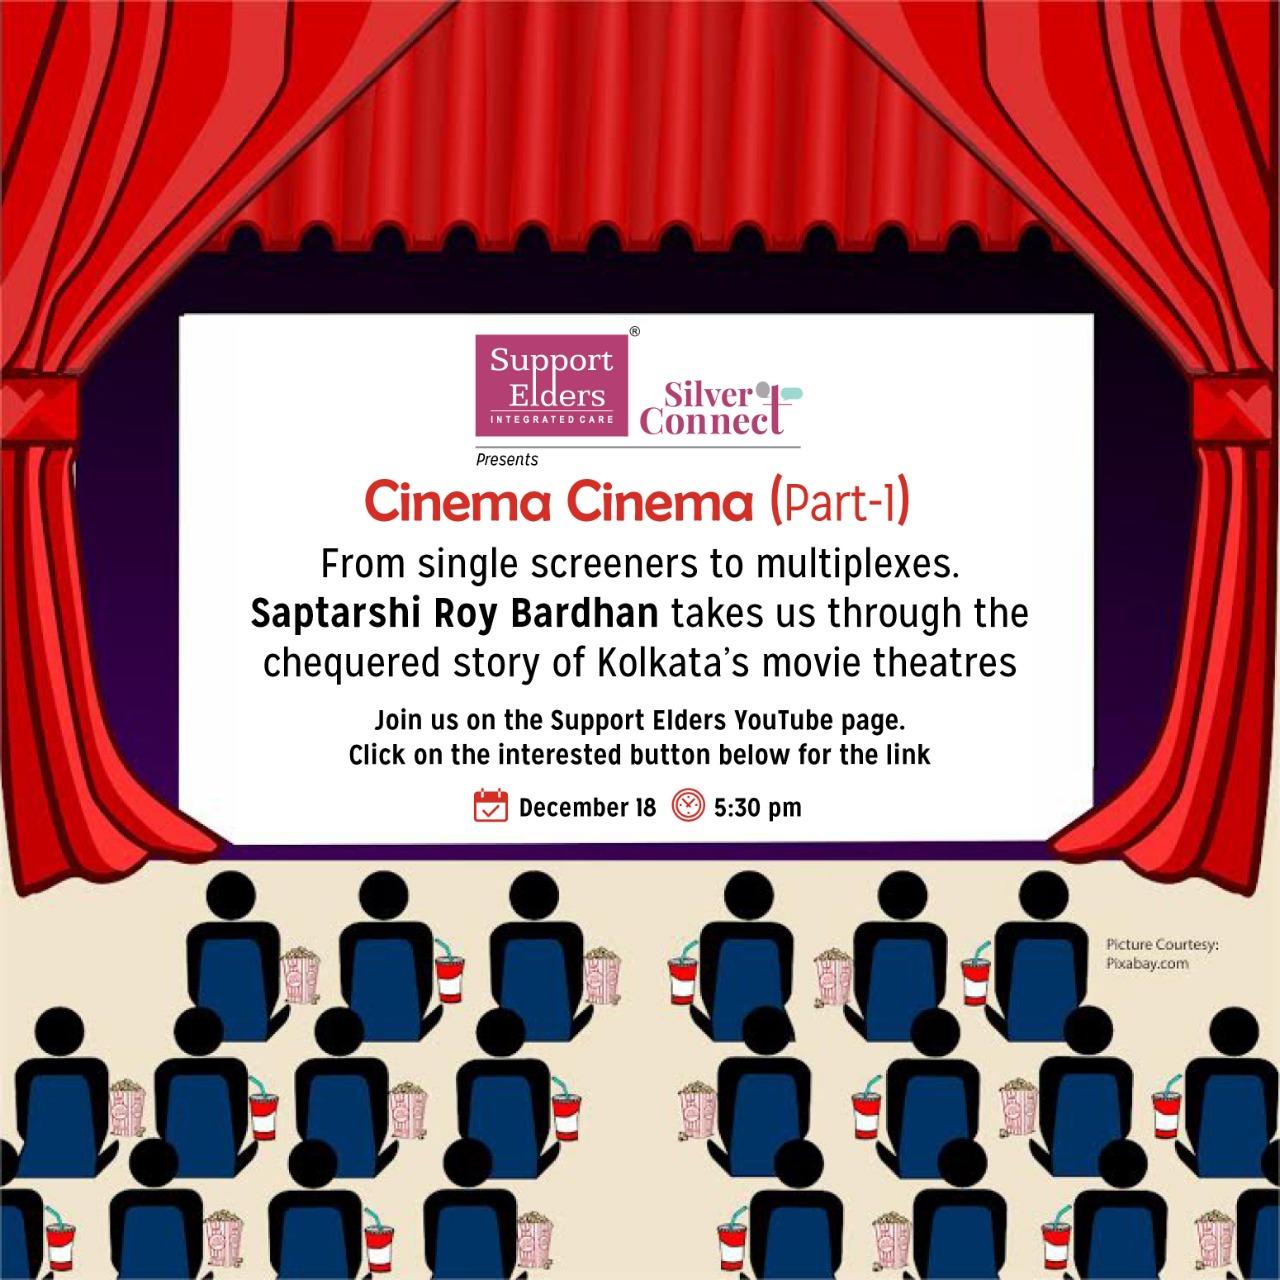 cinema cinema - 18dec.jpeg